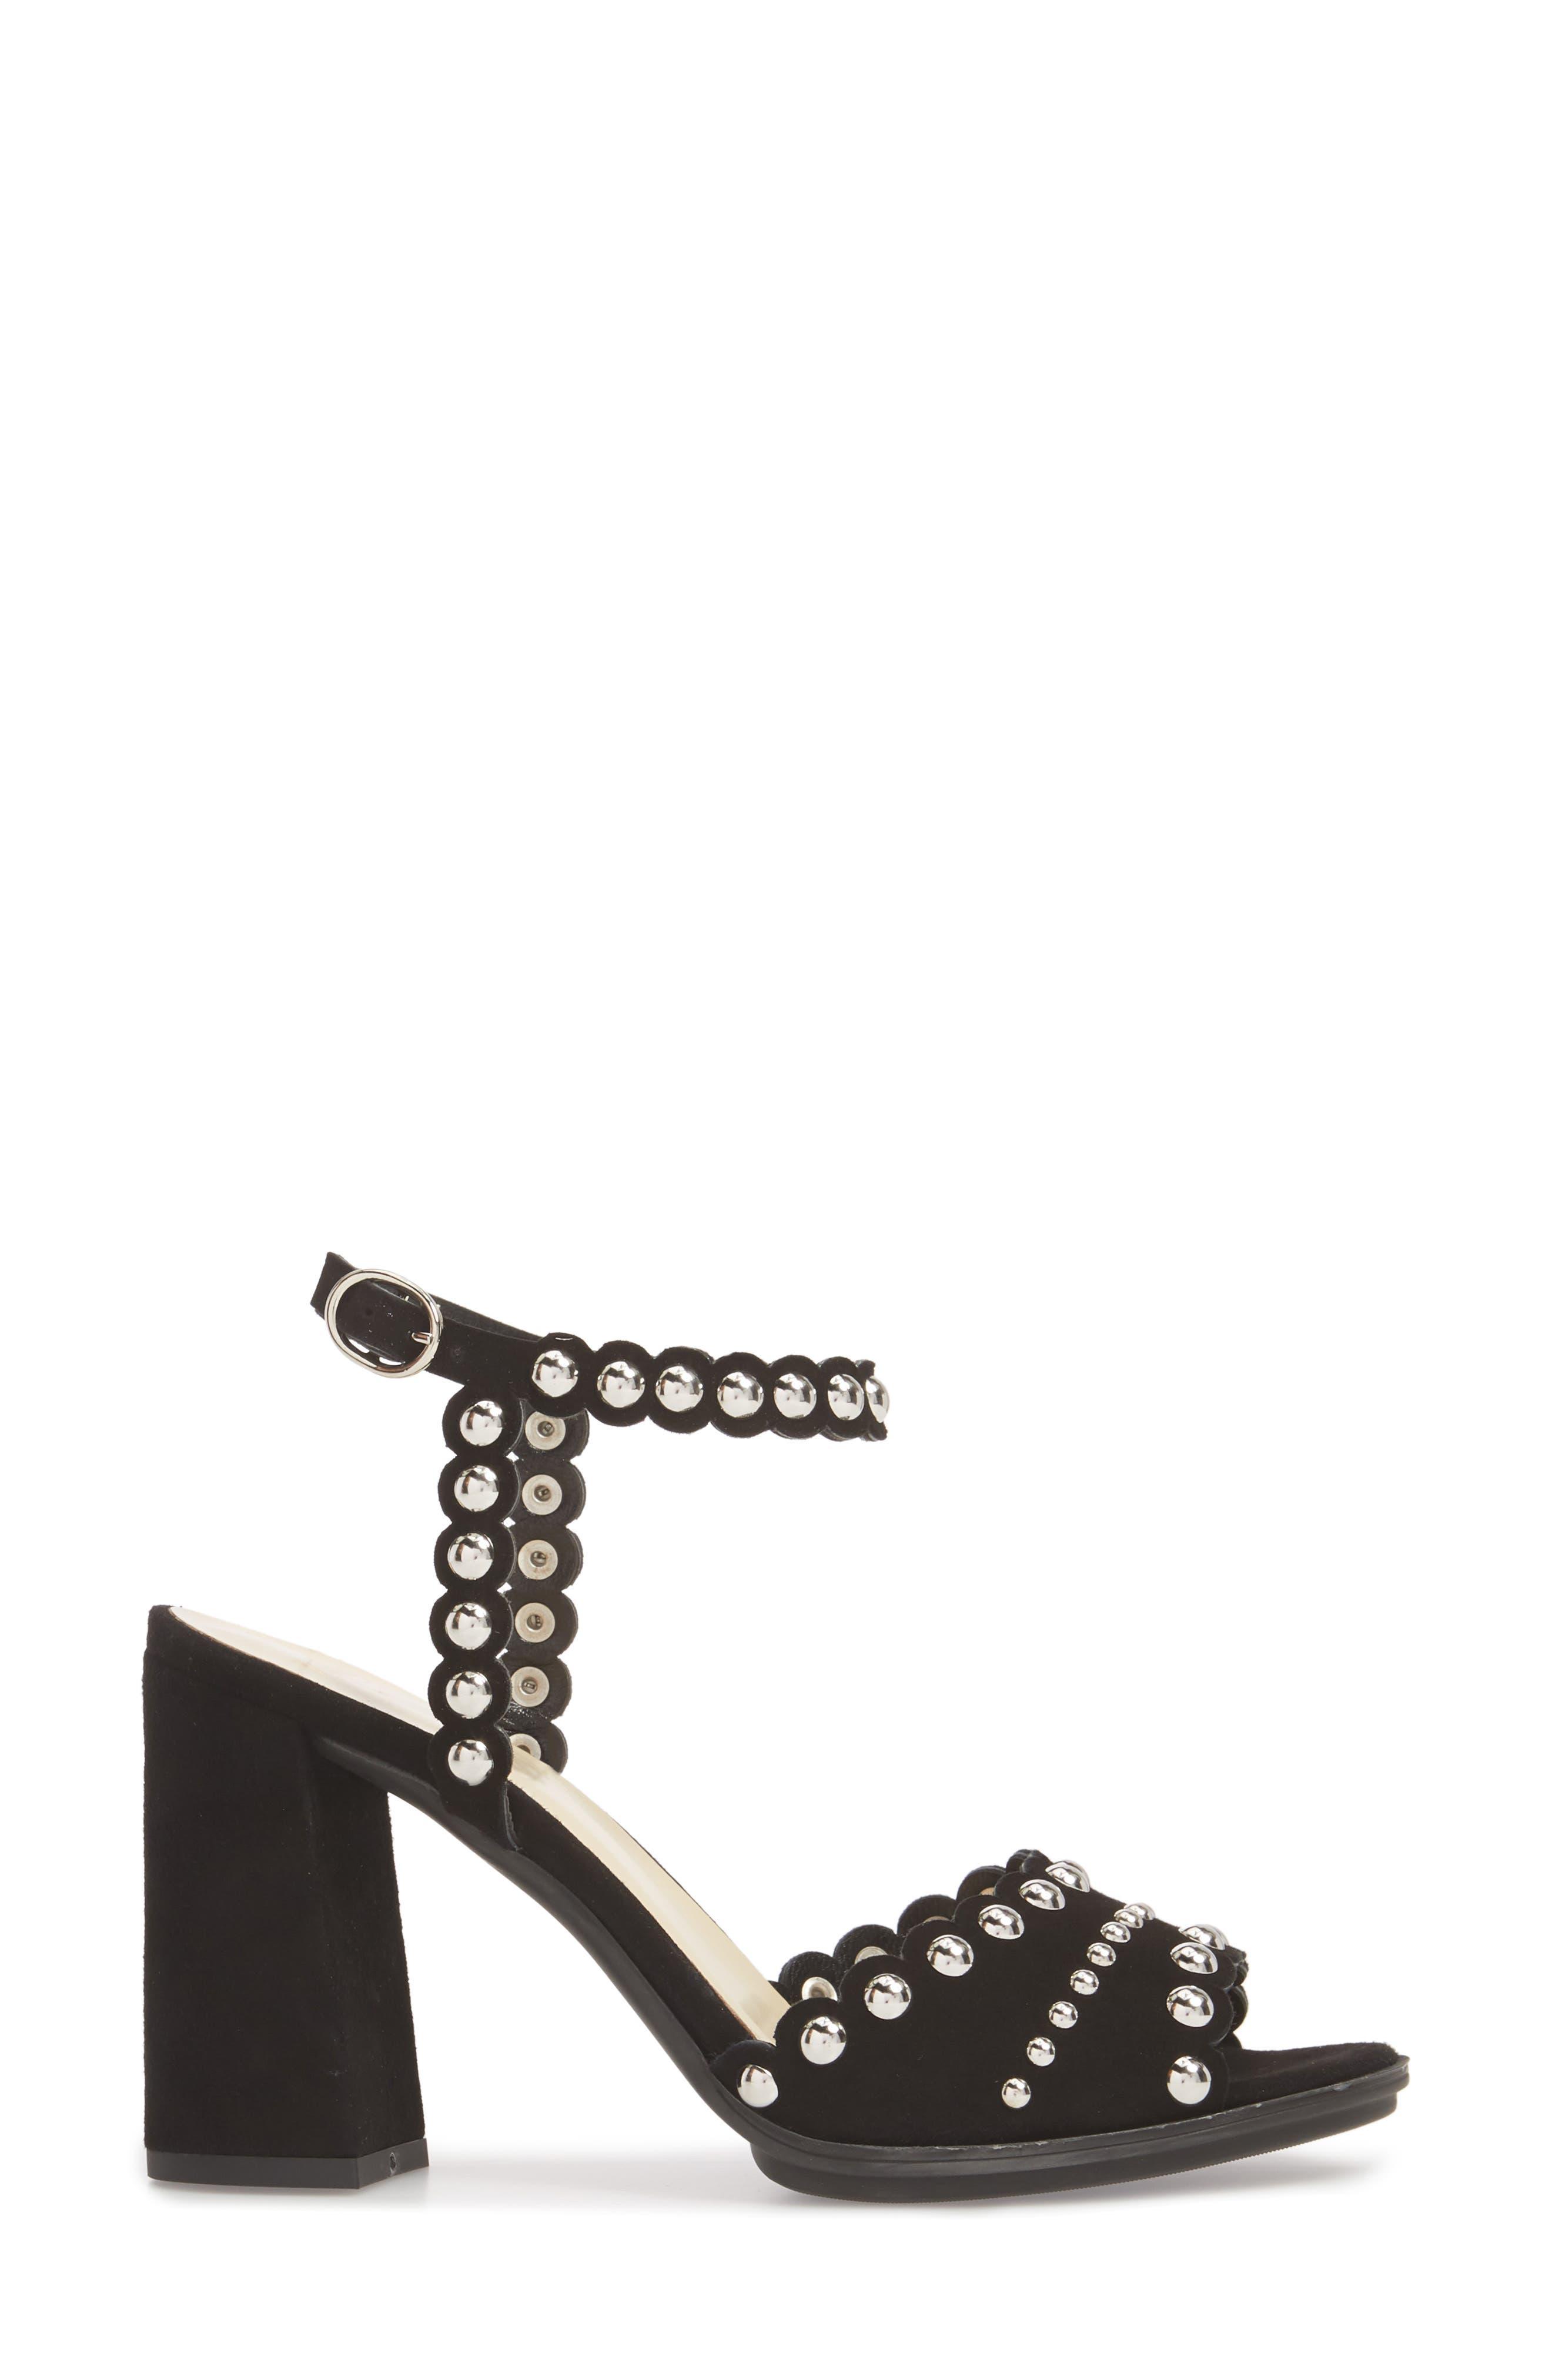 Butter Hetty Studded Ankle Strap Sandal,                             Alternate thumbnail 3, color,                             001